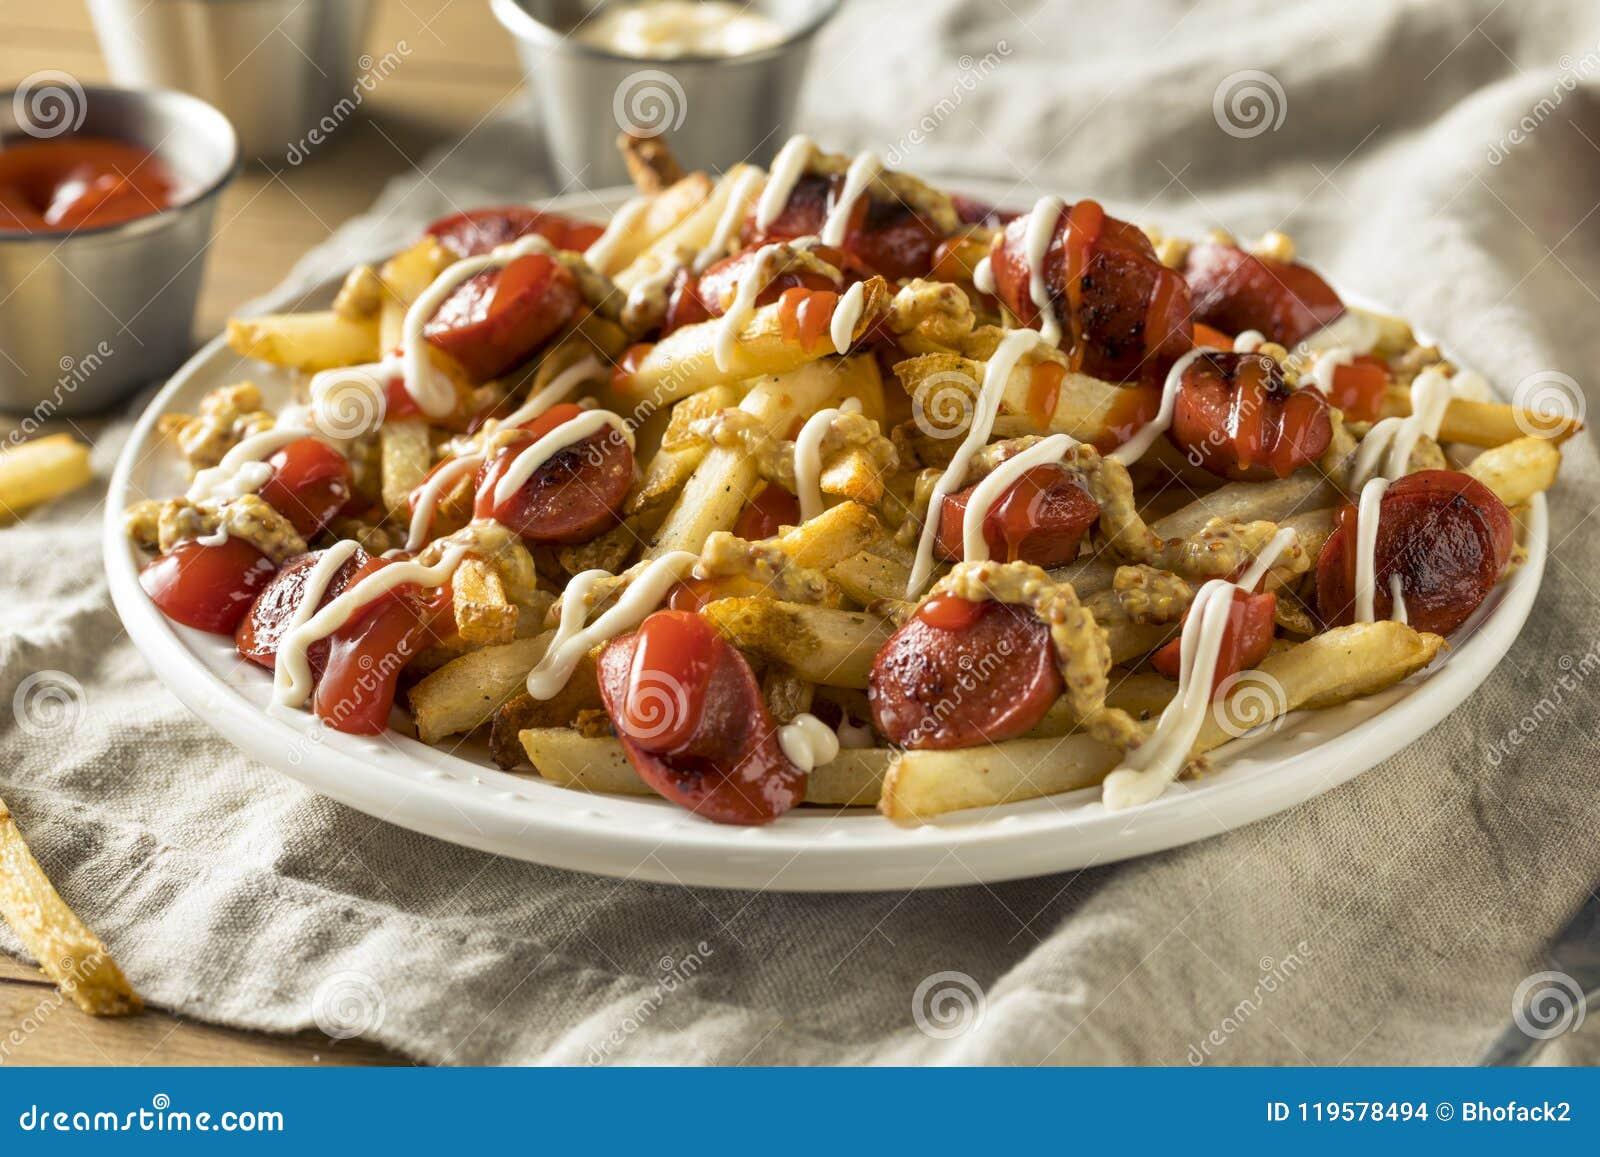 Homemade Peruvian Salchipapa Fries Stock Photo Image Of Chips